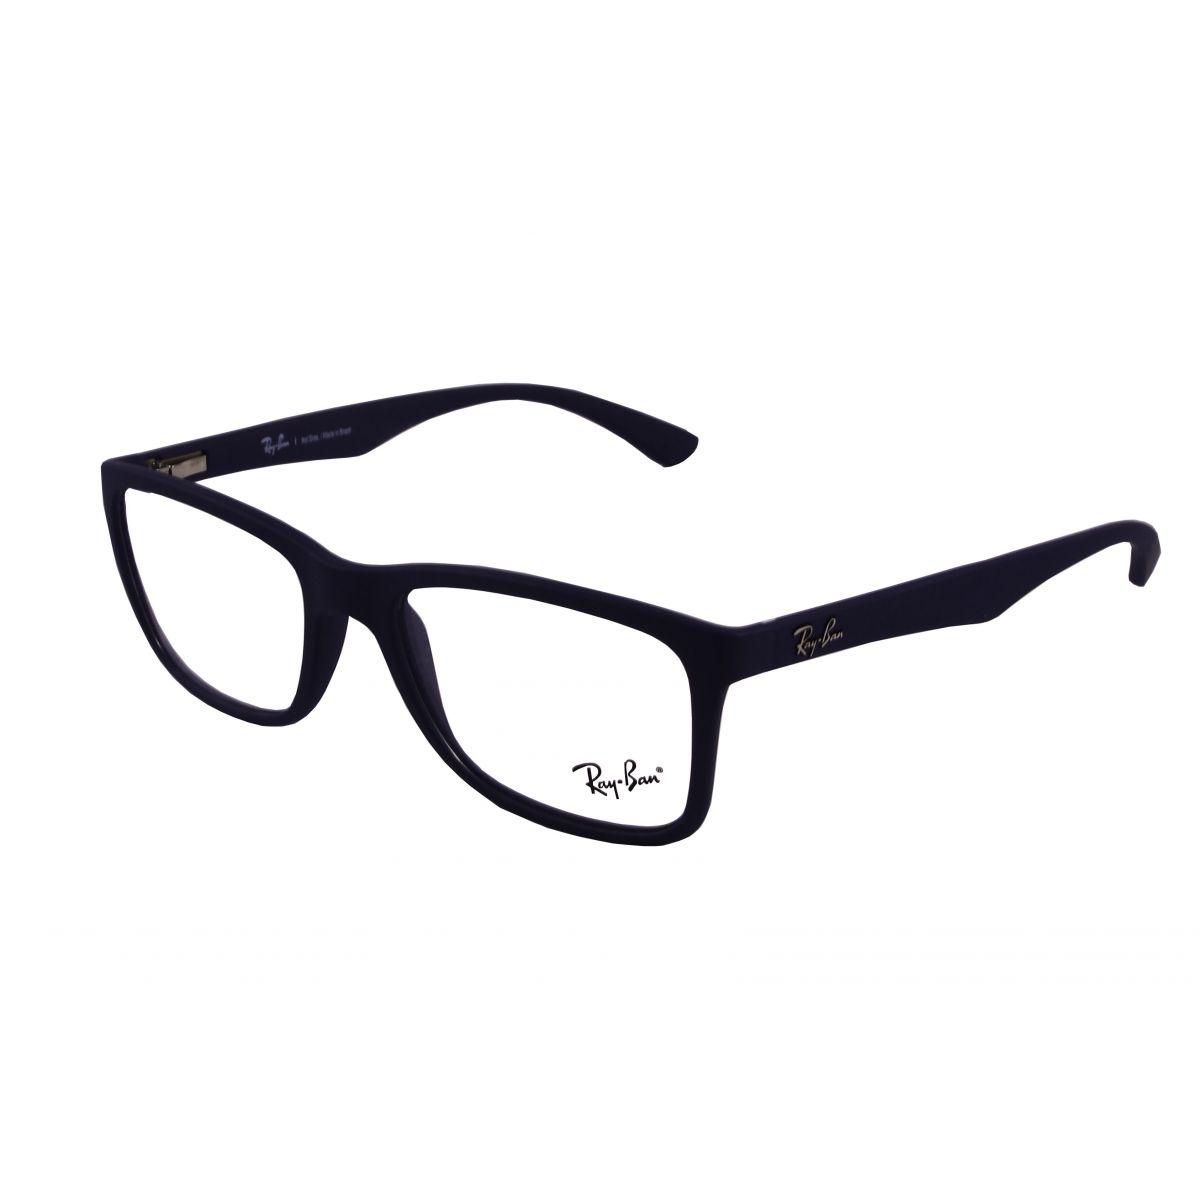 Óculos De Grau Ray Ban RB7027 5412 Tam.54Ray Ban OriginalRay Ban de  GrauCompra segura, produto original com nota fiscal e garantia de fábrica,  ... 4a51d517ce